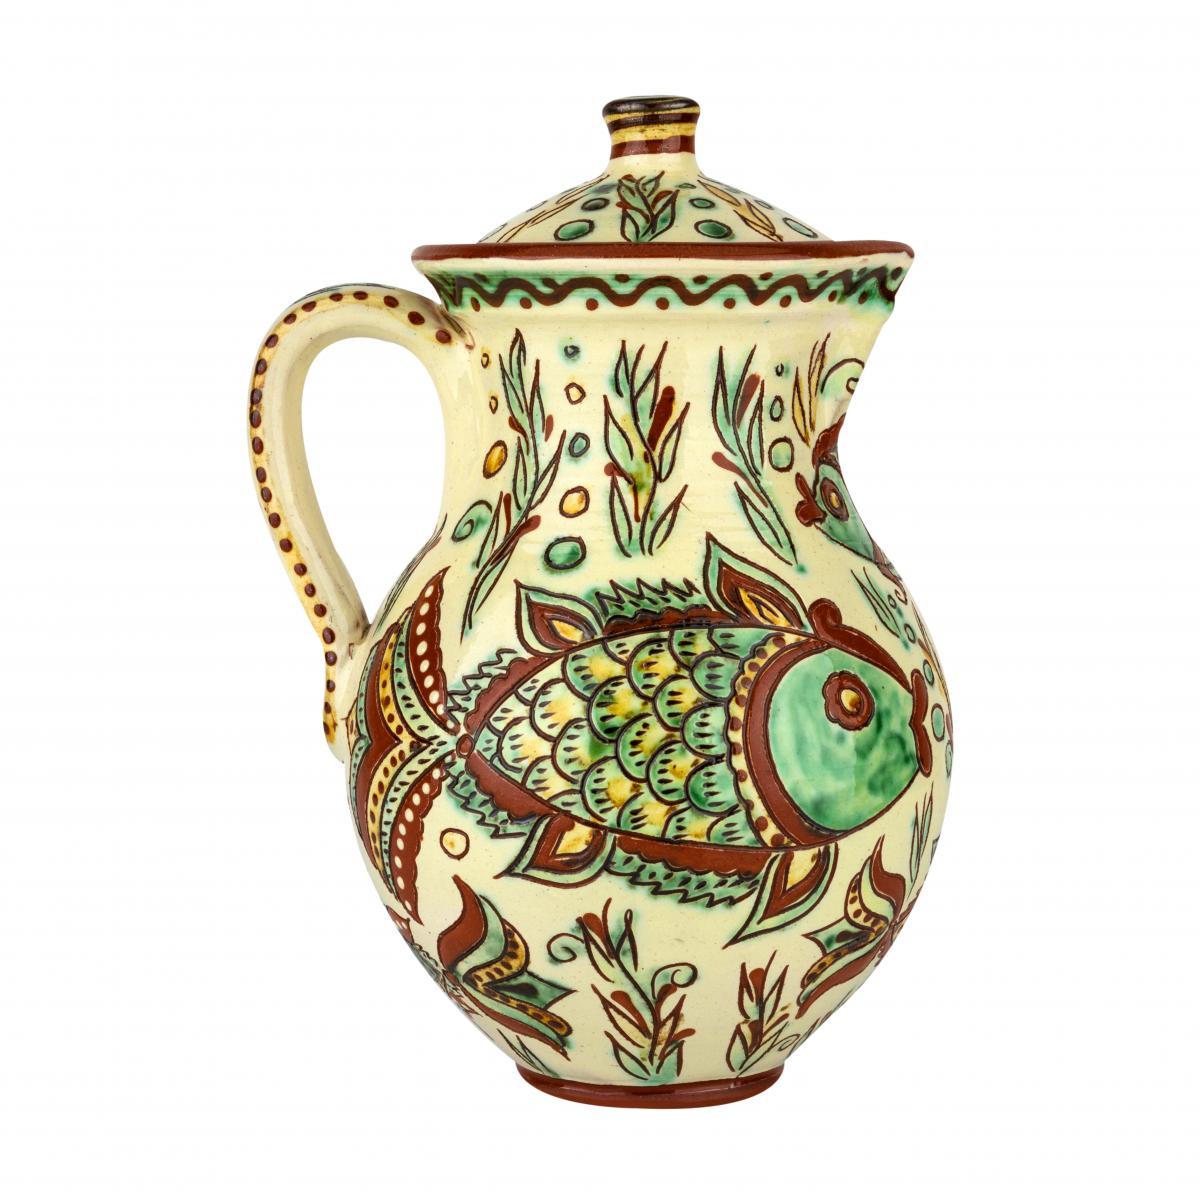 Кувшин для напитков с авторской керамики. Фото №1. | Народный дом Украина